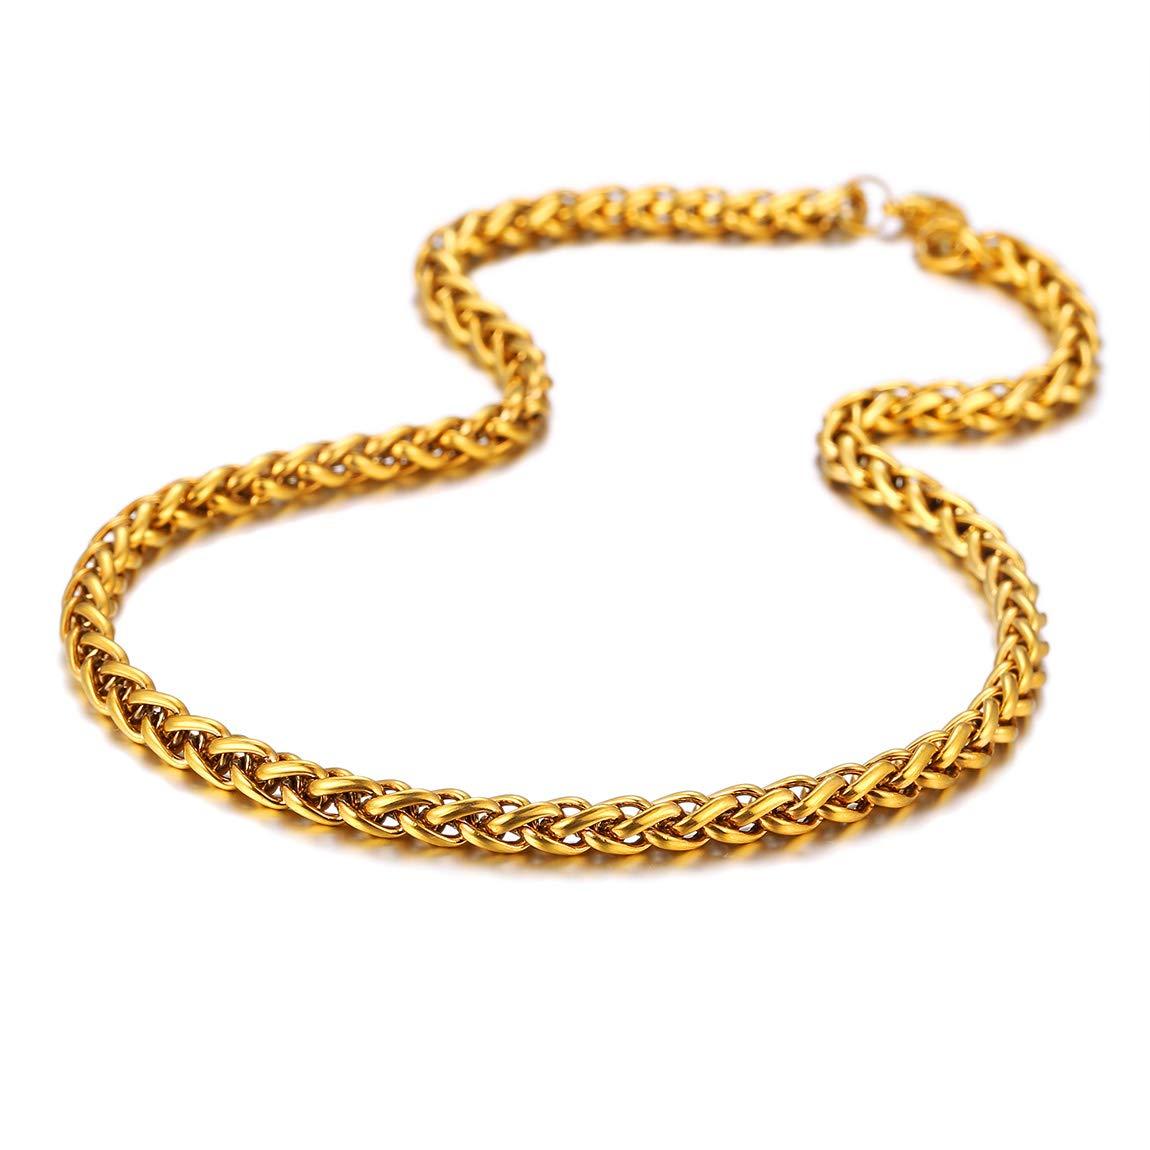 ChainsPro Collier Bl/é Cha/îne Maille Spiga Bl/é Corde Lien Wheat-Maillon Spiga 6MM-Longueur 46//51//55//61//66//71//76cm-Couleur Argent//Noir//Or Collier pour Homme Femme Unisex avec Coffret Cadeau